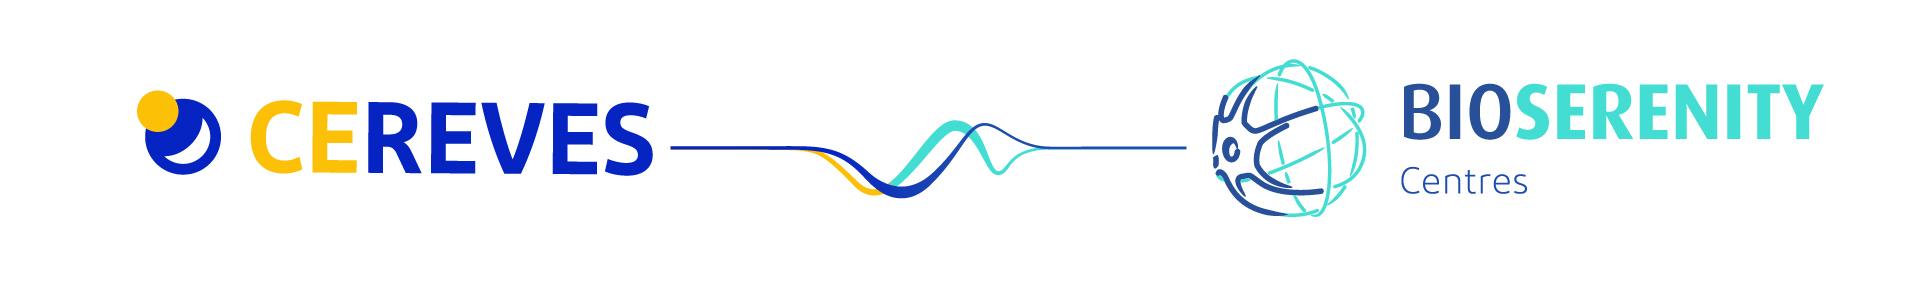 Les centres du sommeil CEREVES évoluent en Centres BioSerenity